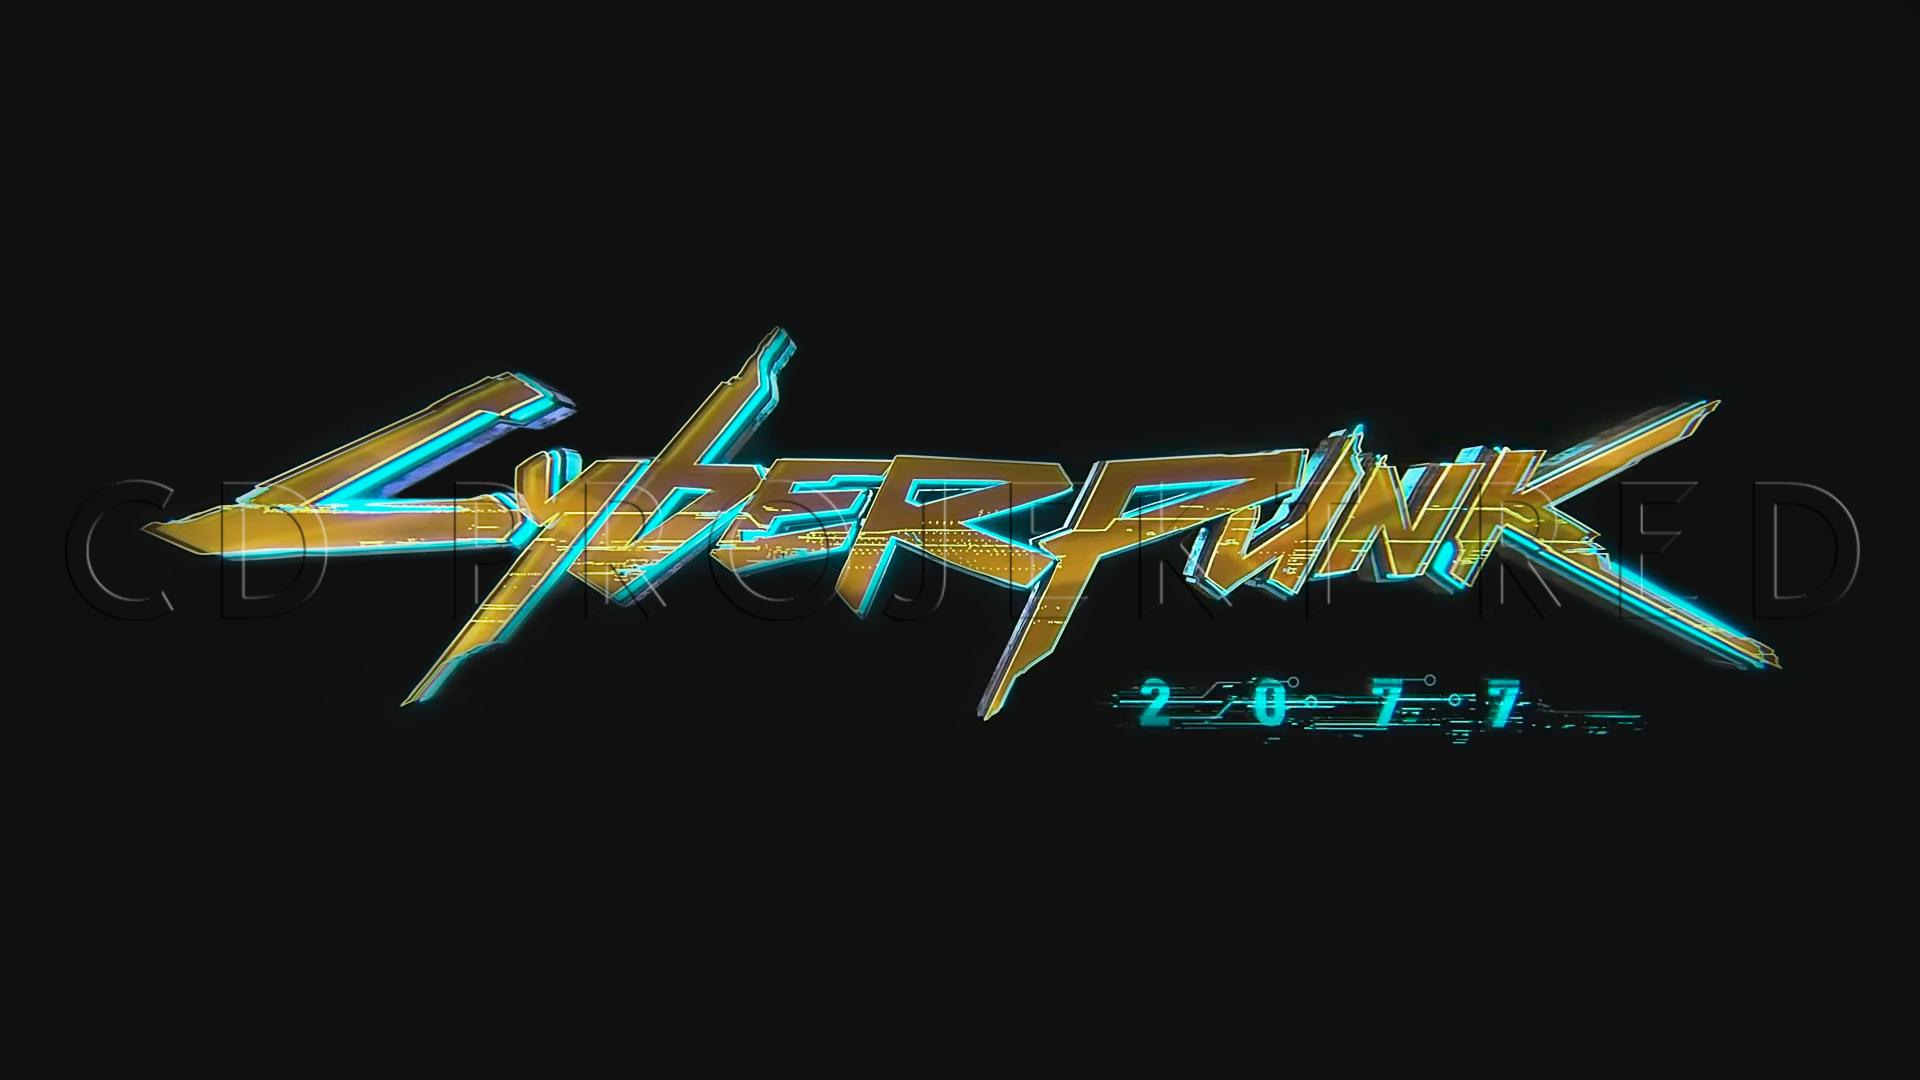 Cyberpunk 2077 logo - Cyberpunk 2077